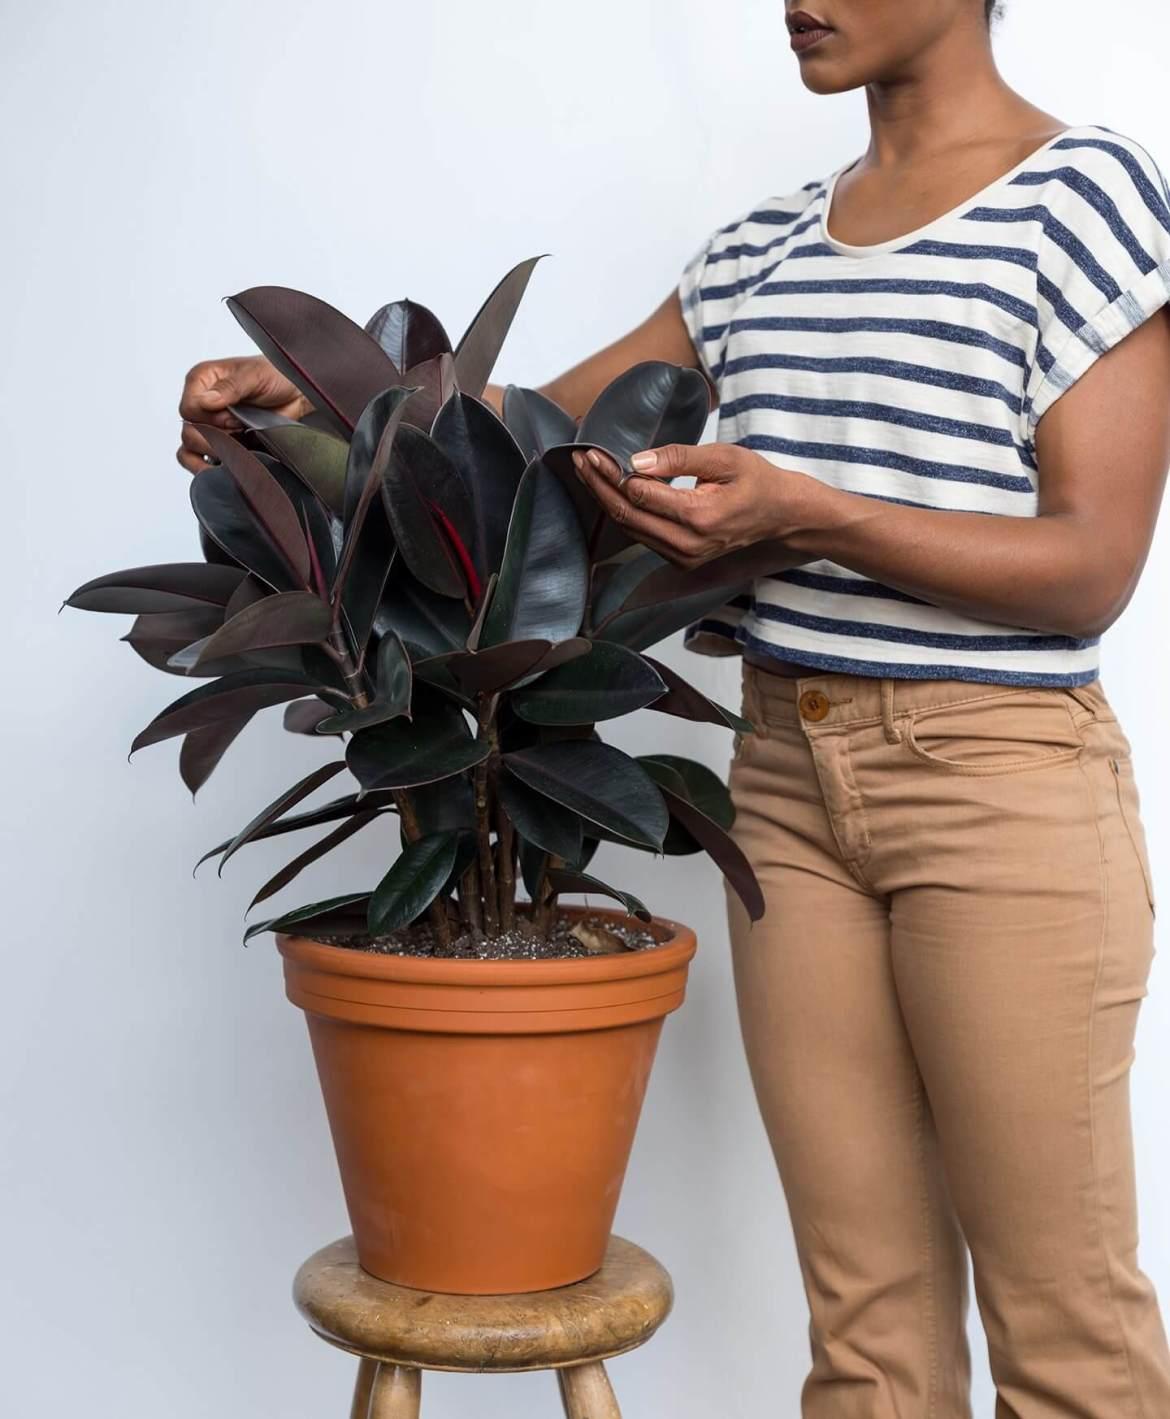 5 Easy Houseplants | Burgundy Rubber Tree Plant | Mass Over Matter